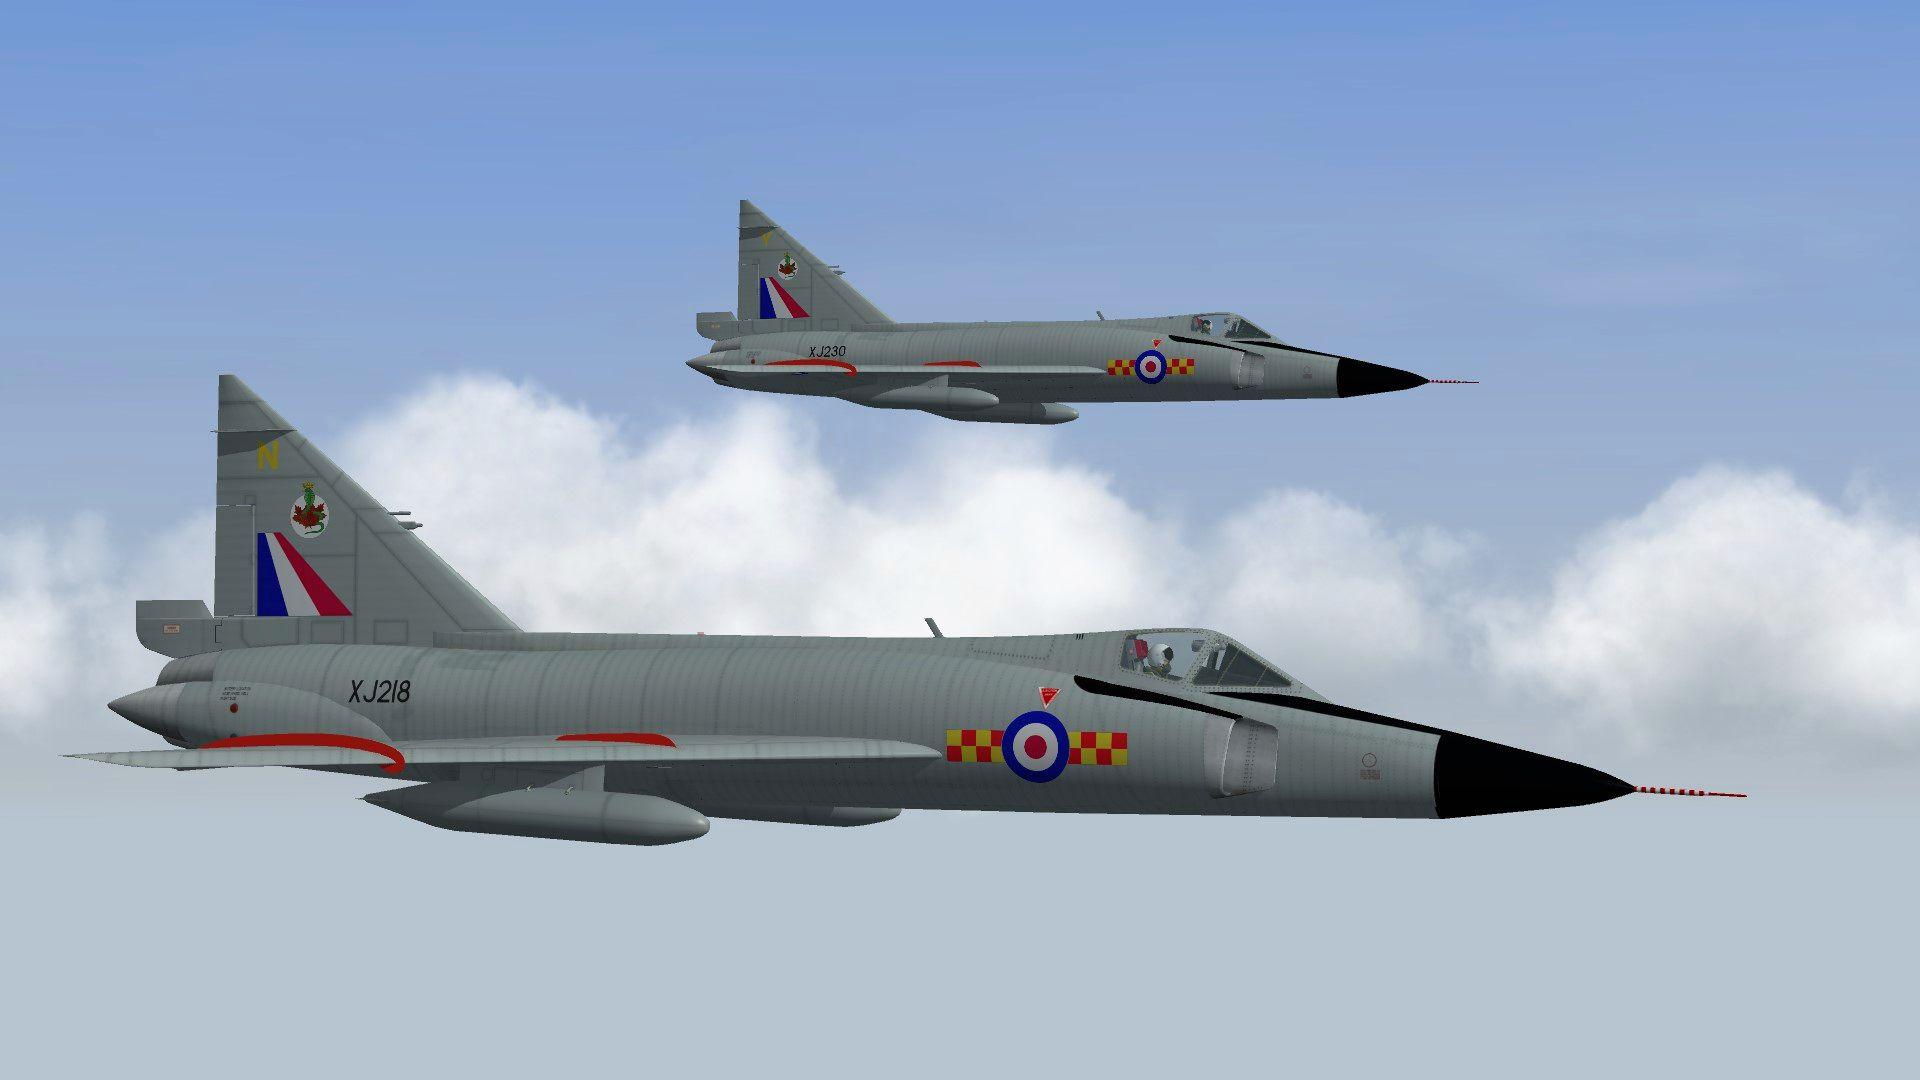 RAF%20GALANT%20FAW1.03_zps0uwyv1tp.jpg